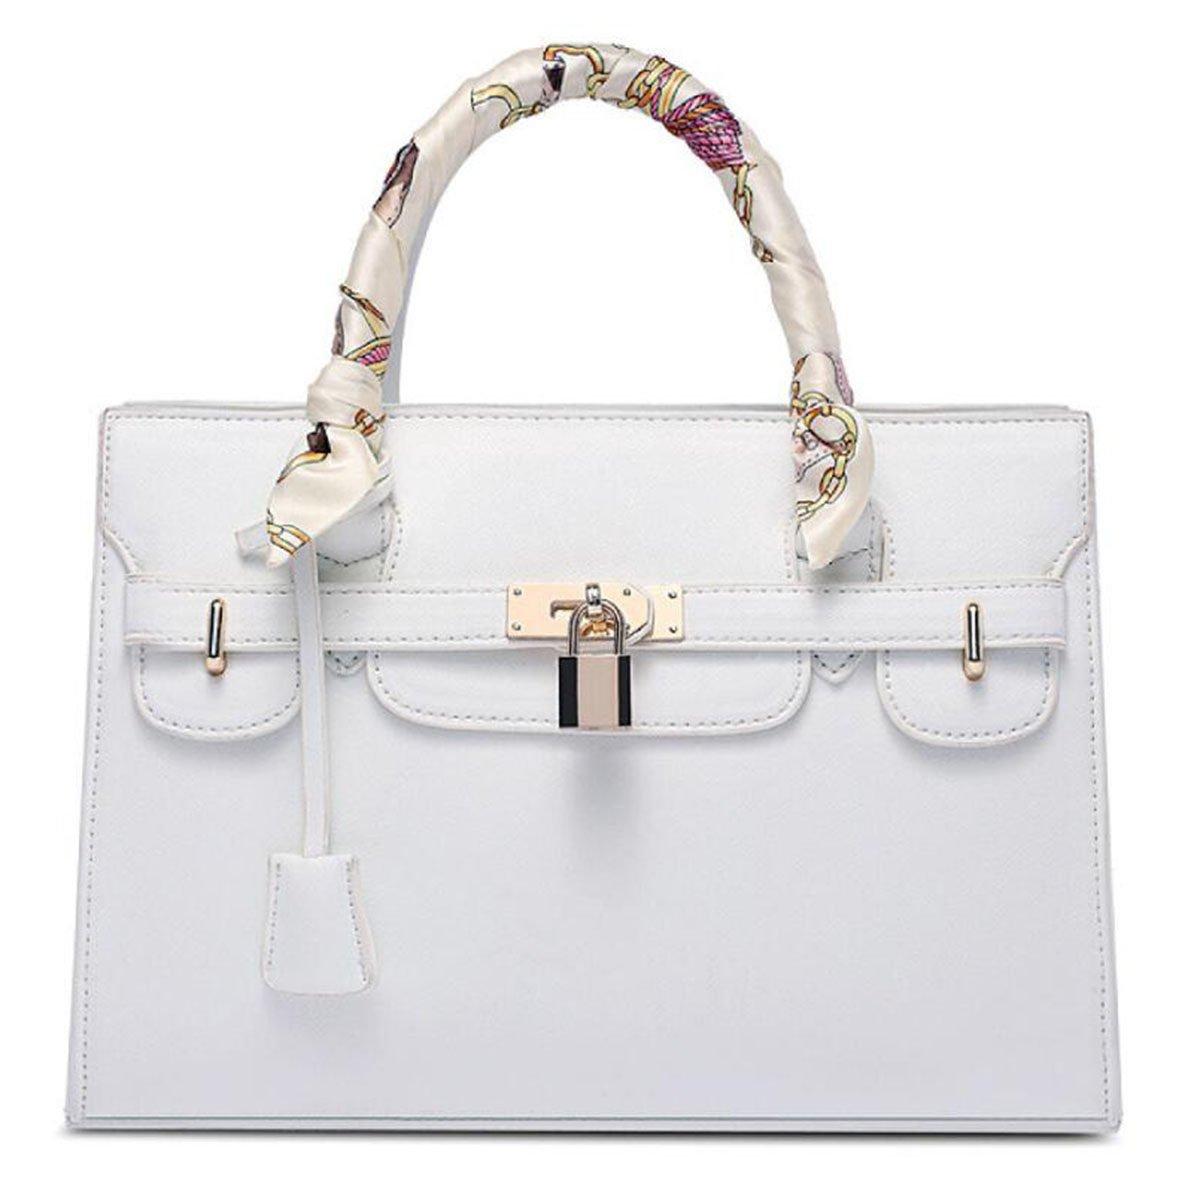 WU ZHI Damen PU Kreuz Abschnitt Handtasche Messenger Bag Bag Bag Umhängetasche B073TQNDYS Umhngetaschen Nutzen Sie Materialien voll aus 9dfb1d